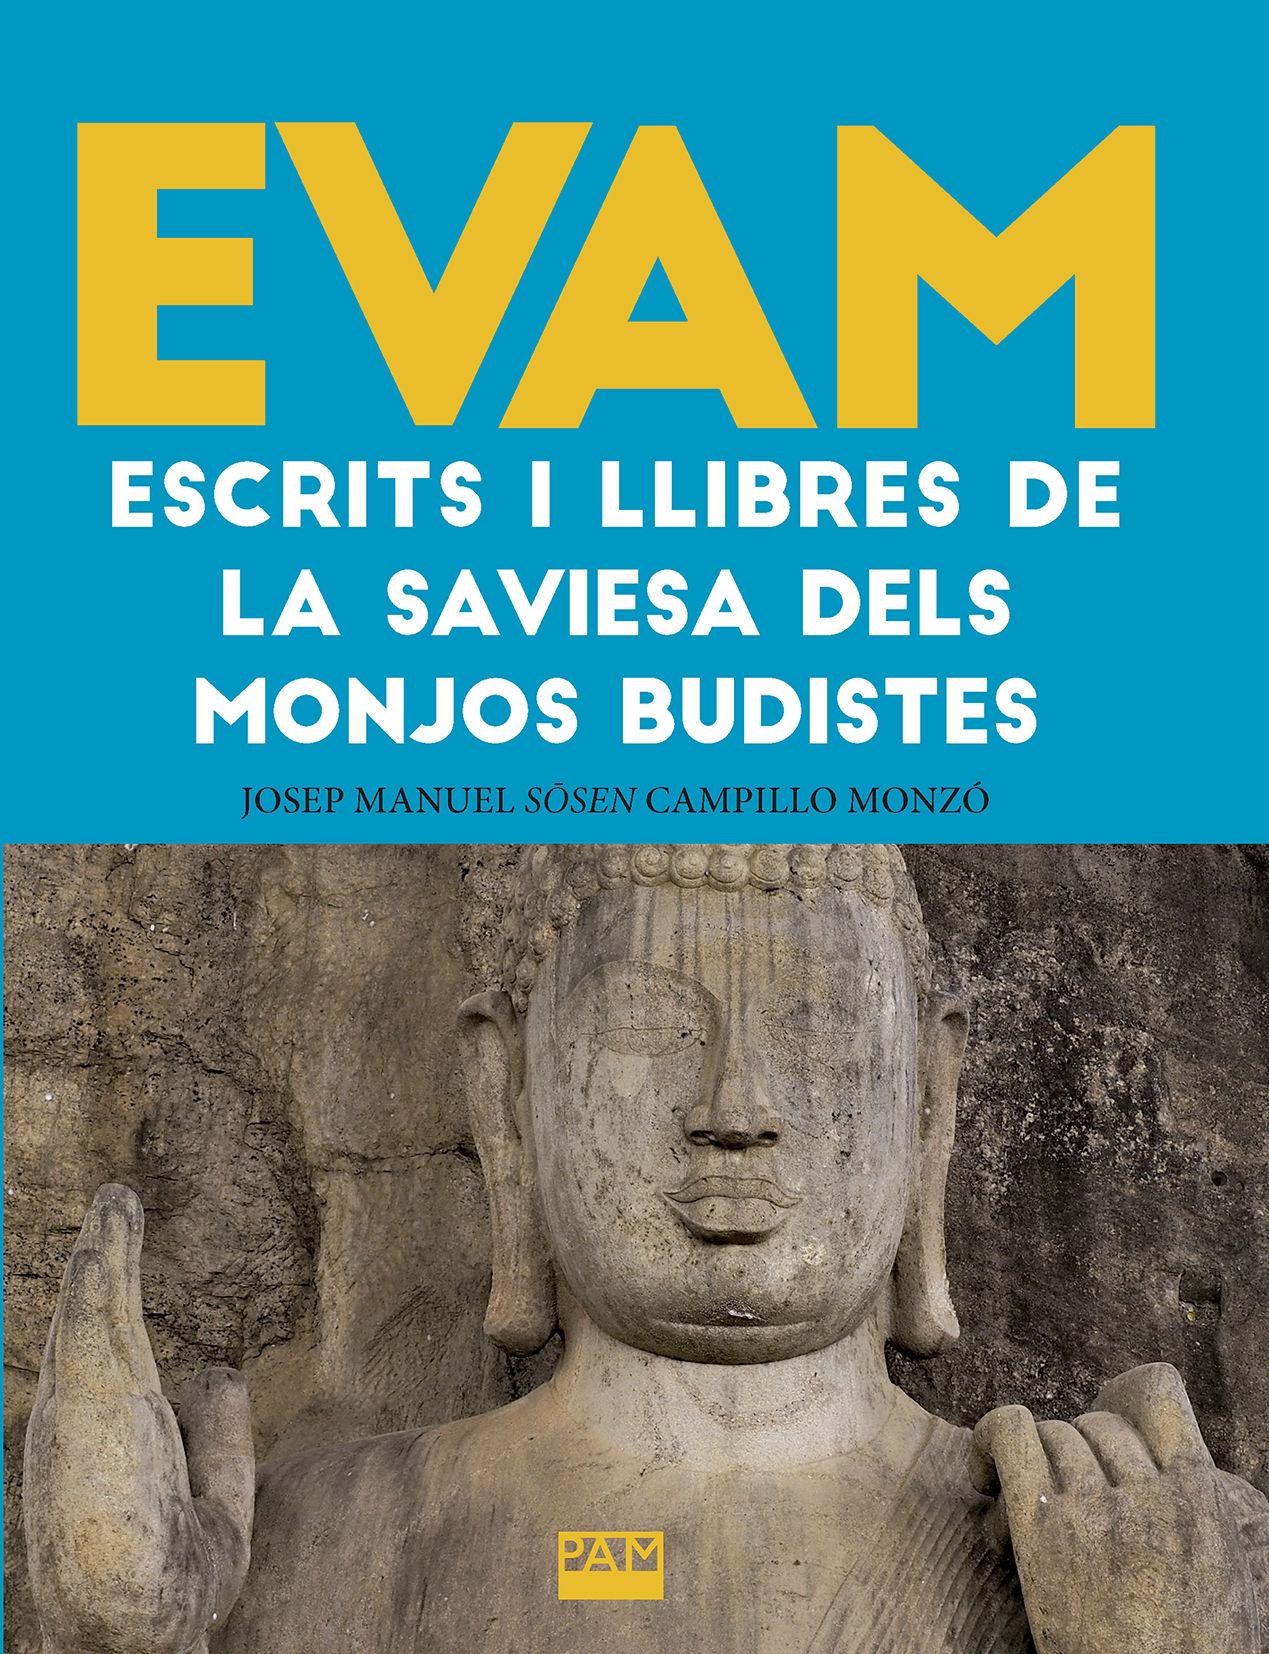 EVAM. ESCRITS I LLIBRES DE LA SAVIESA DELS MONJOS BUDISTES